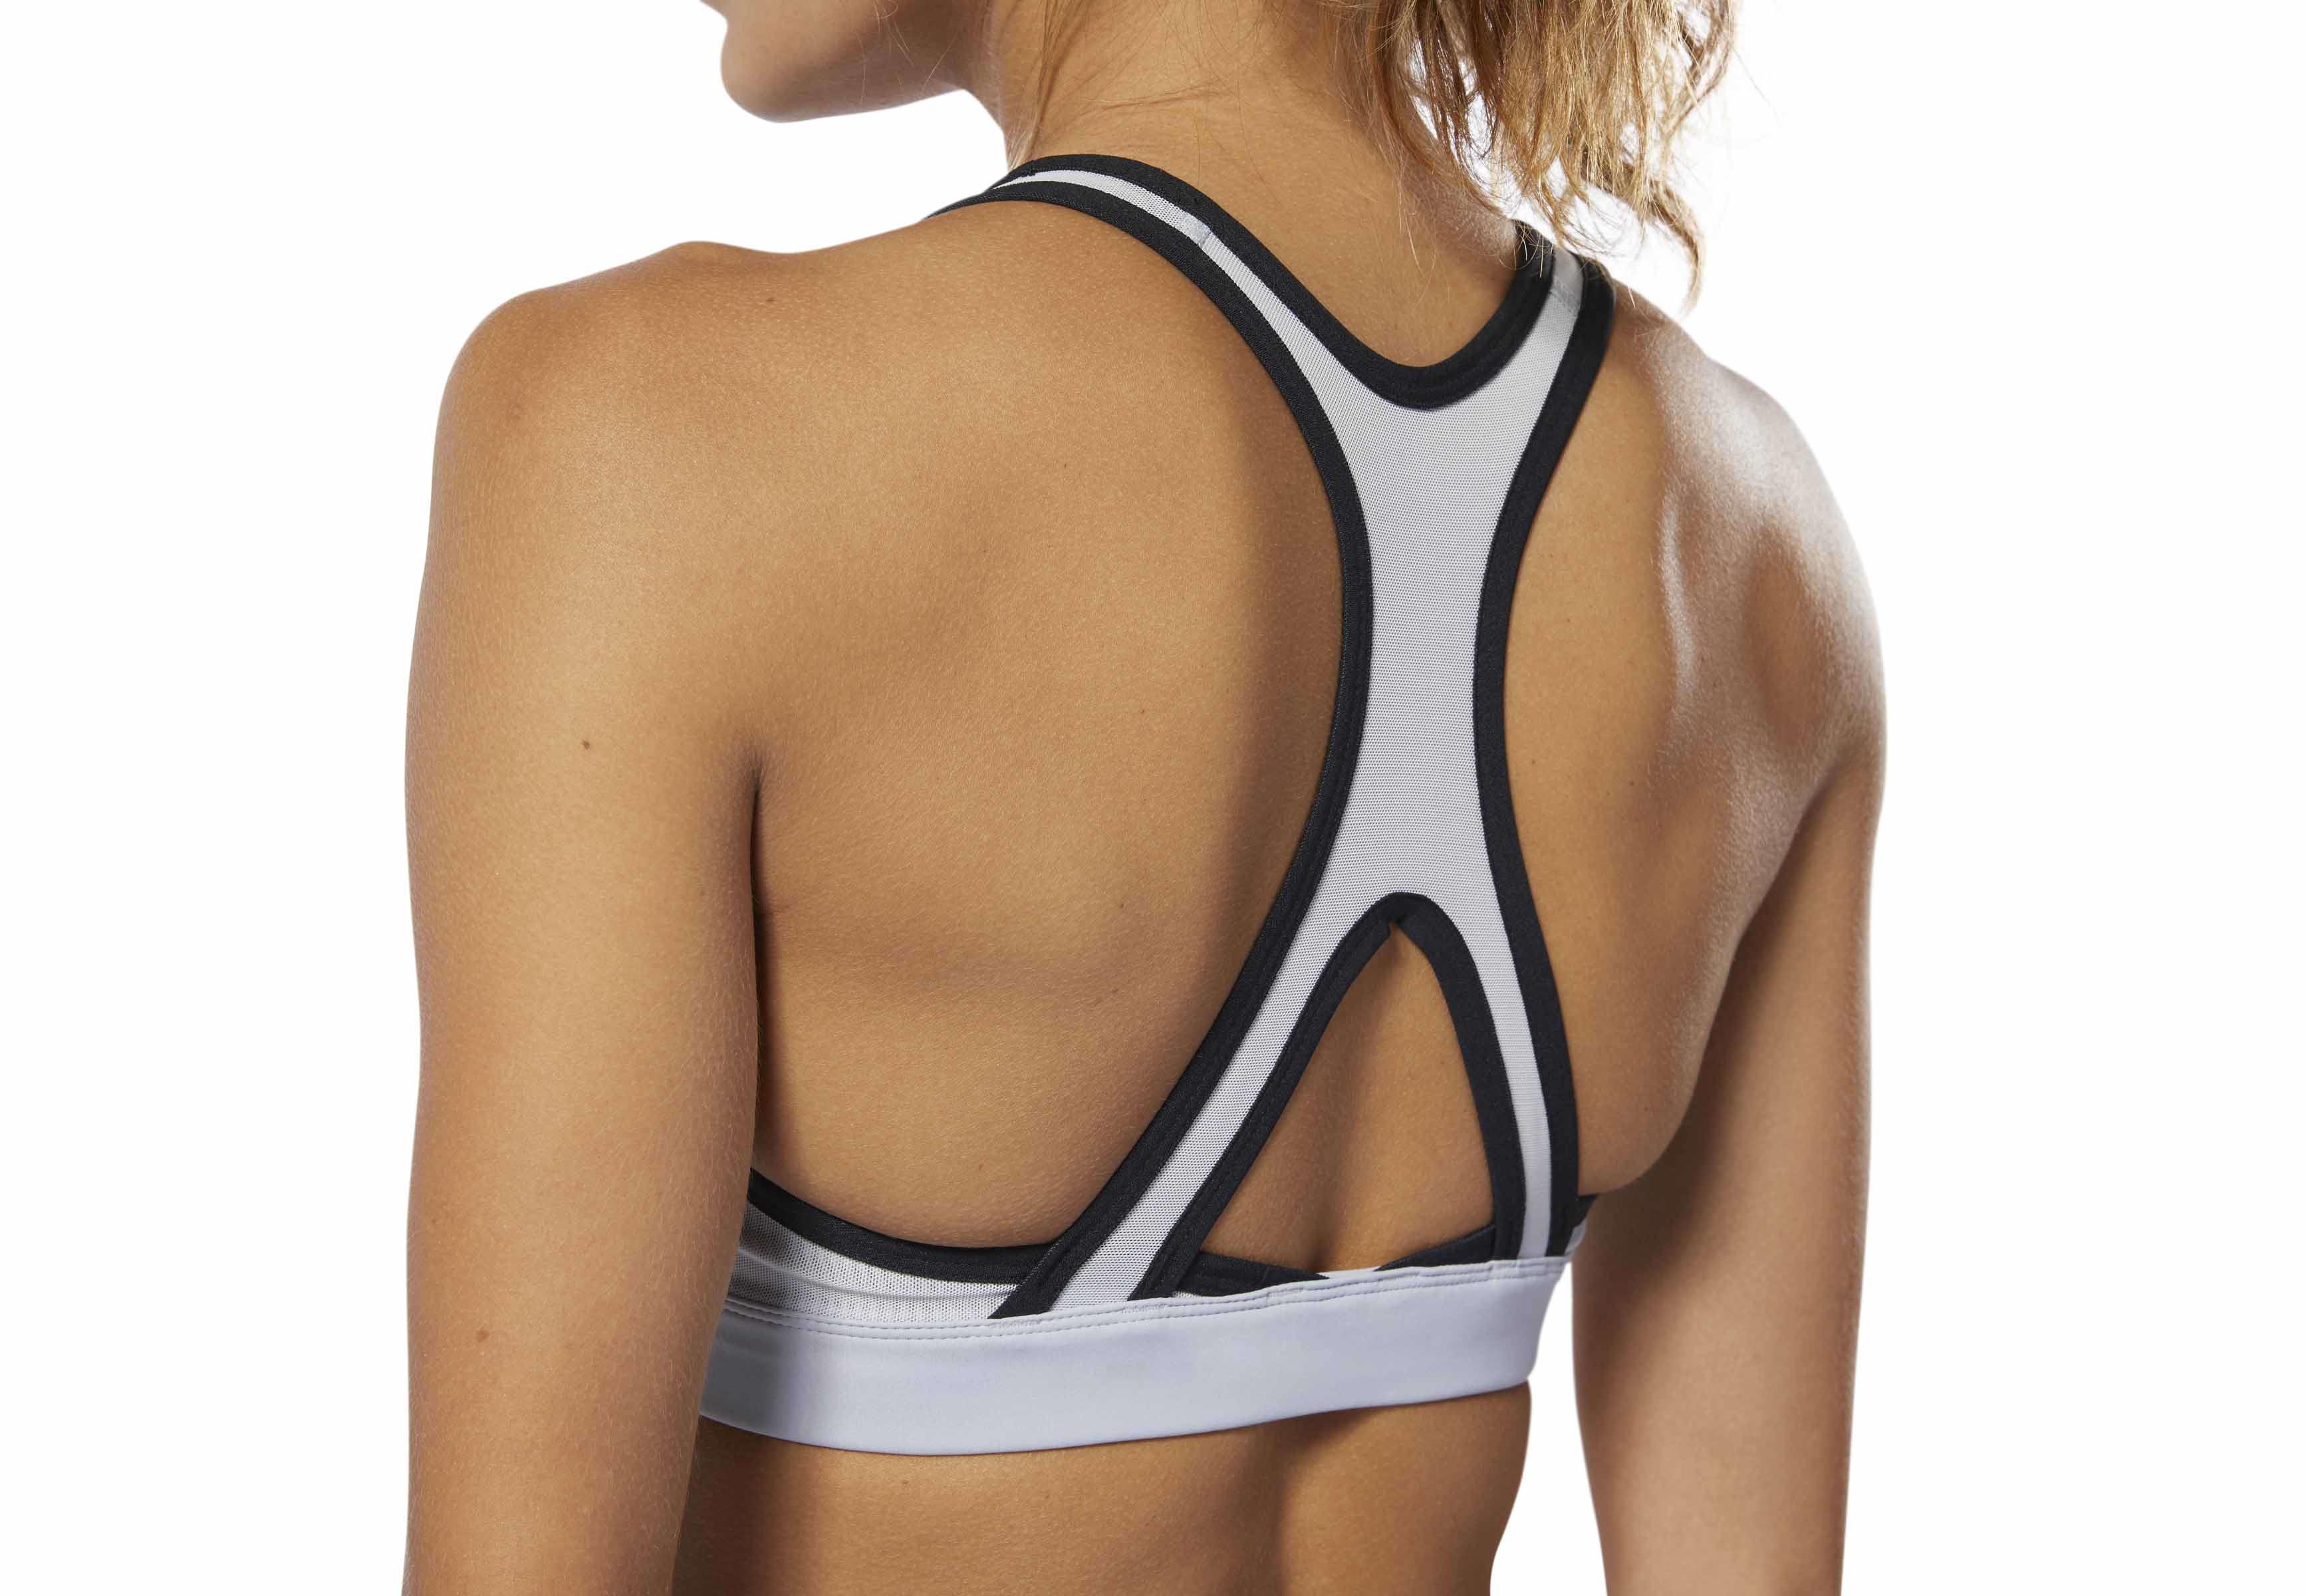 running-bras-hero-racer-bra-2